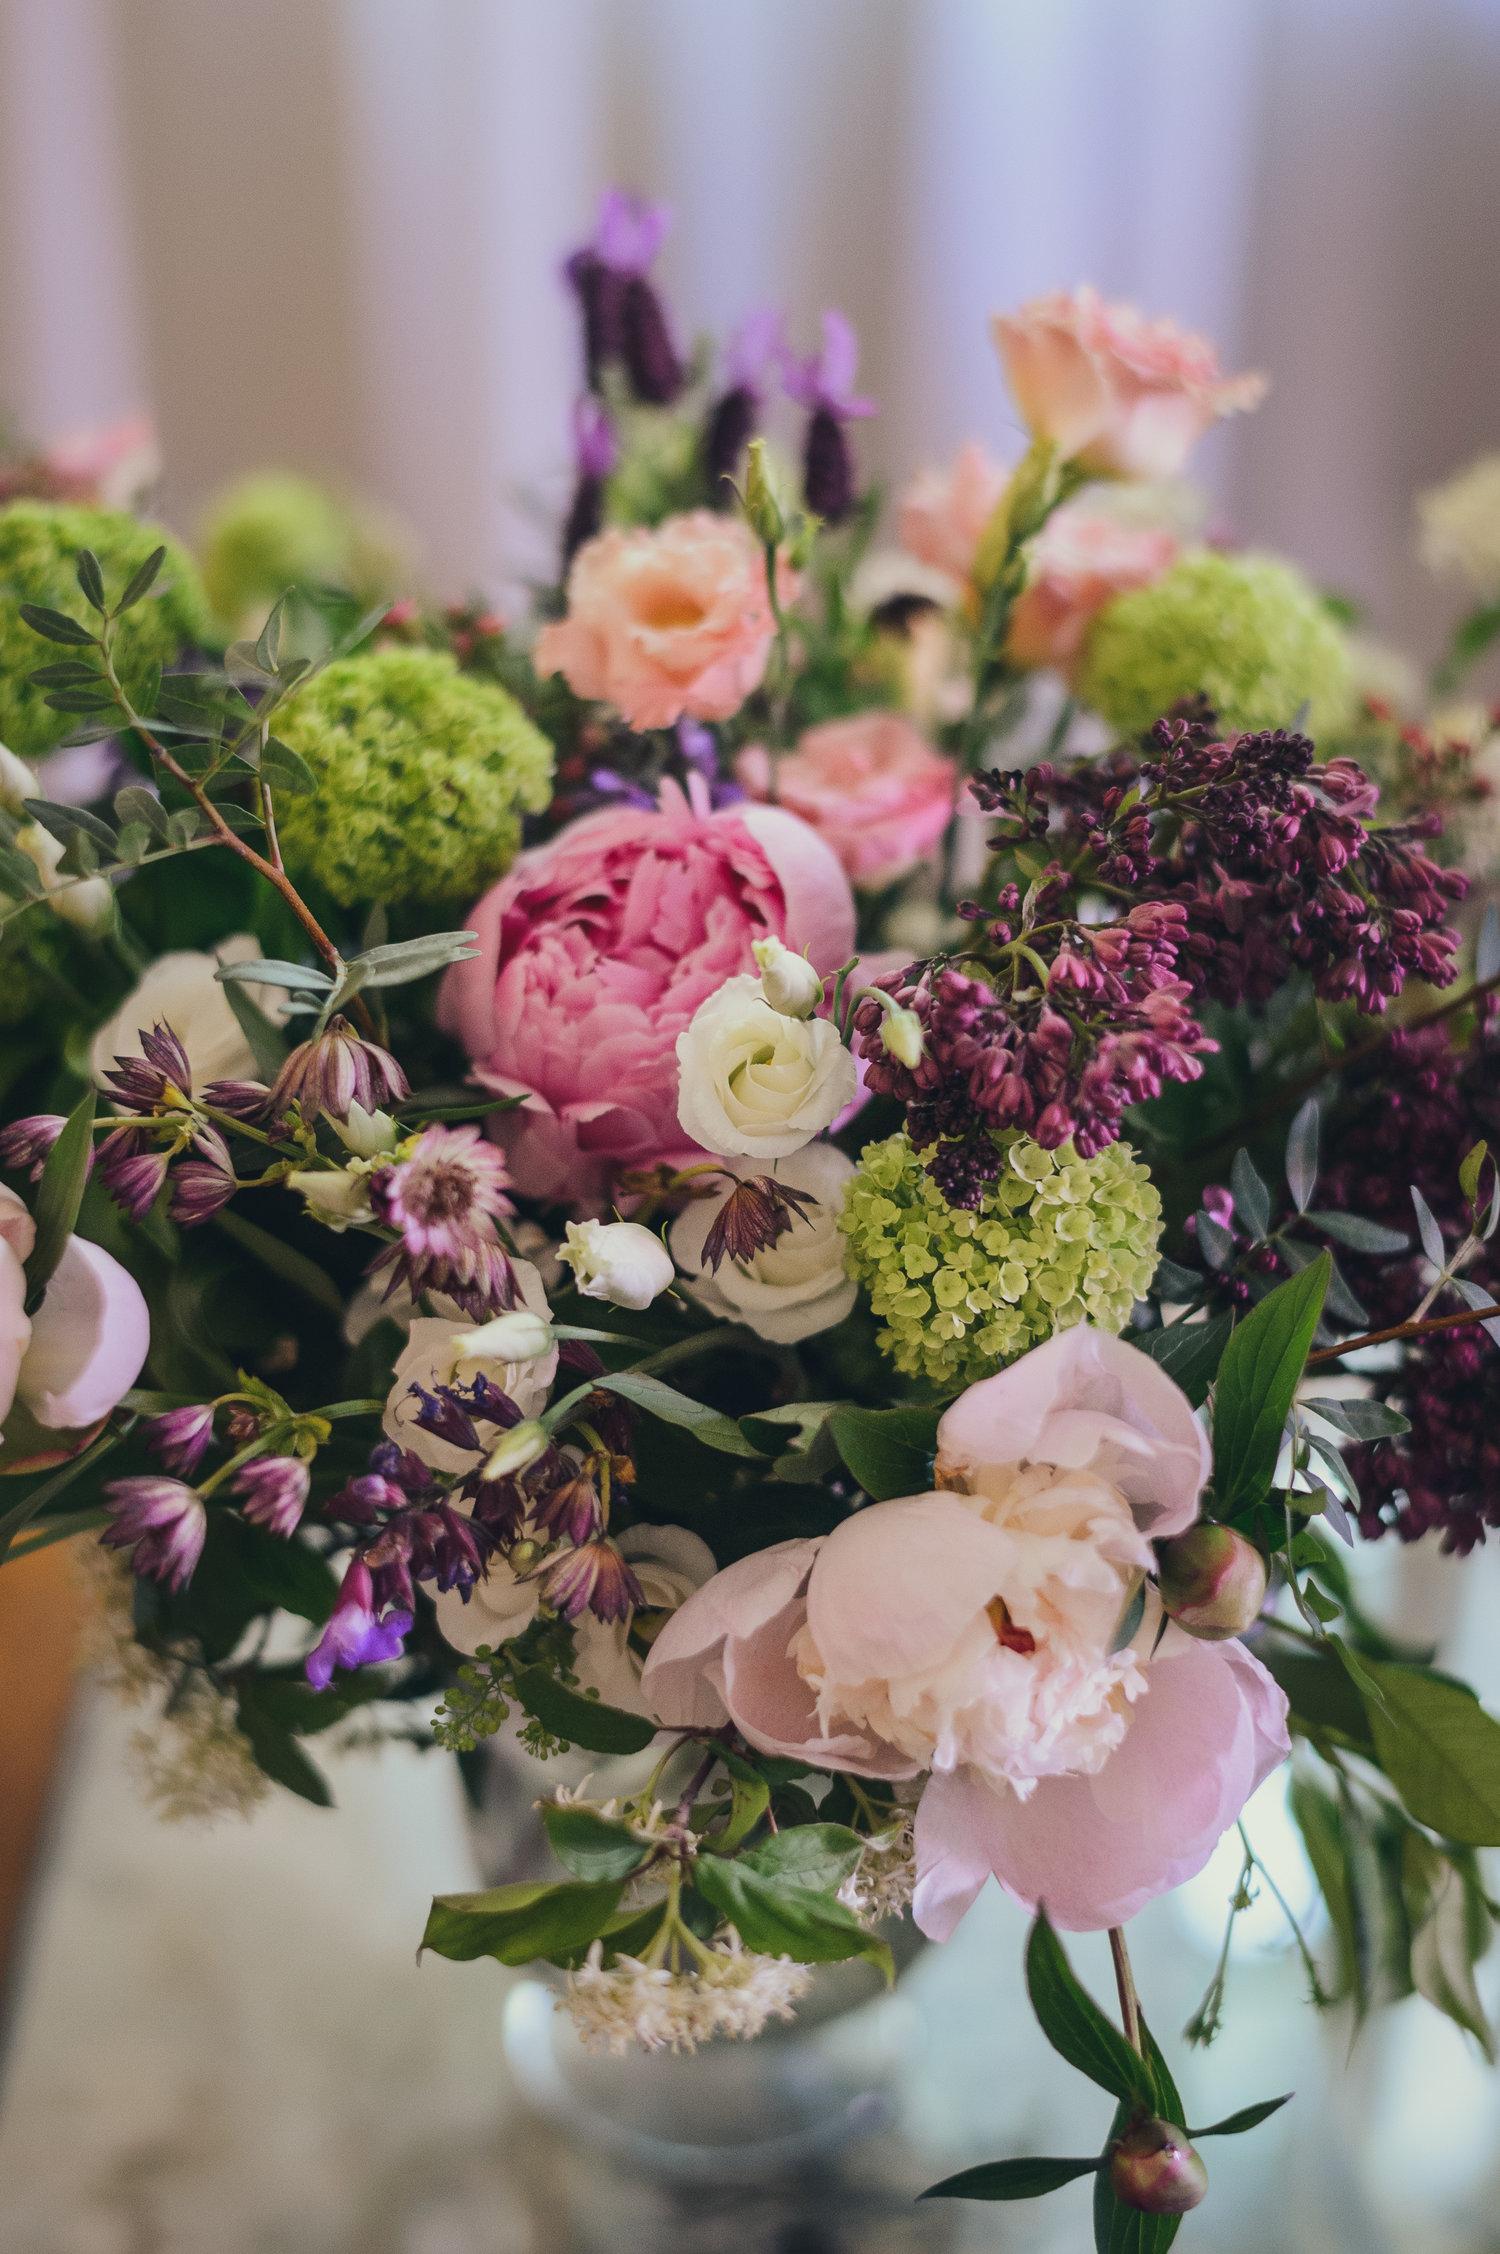 Mazzo Di Fiori Su Una Sedia Renoir.Blog Style By Tania Muser Tania Muser Floral Designer Tania Muser